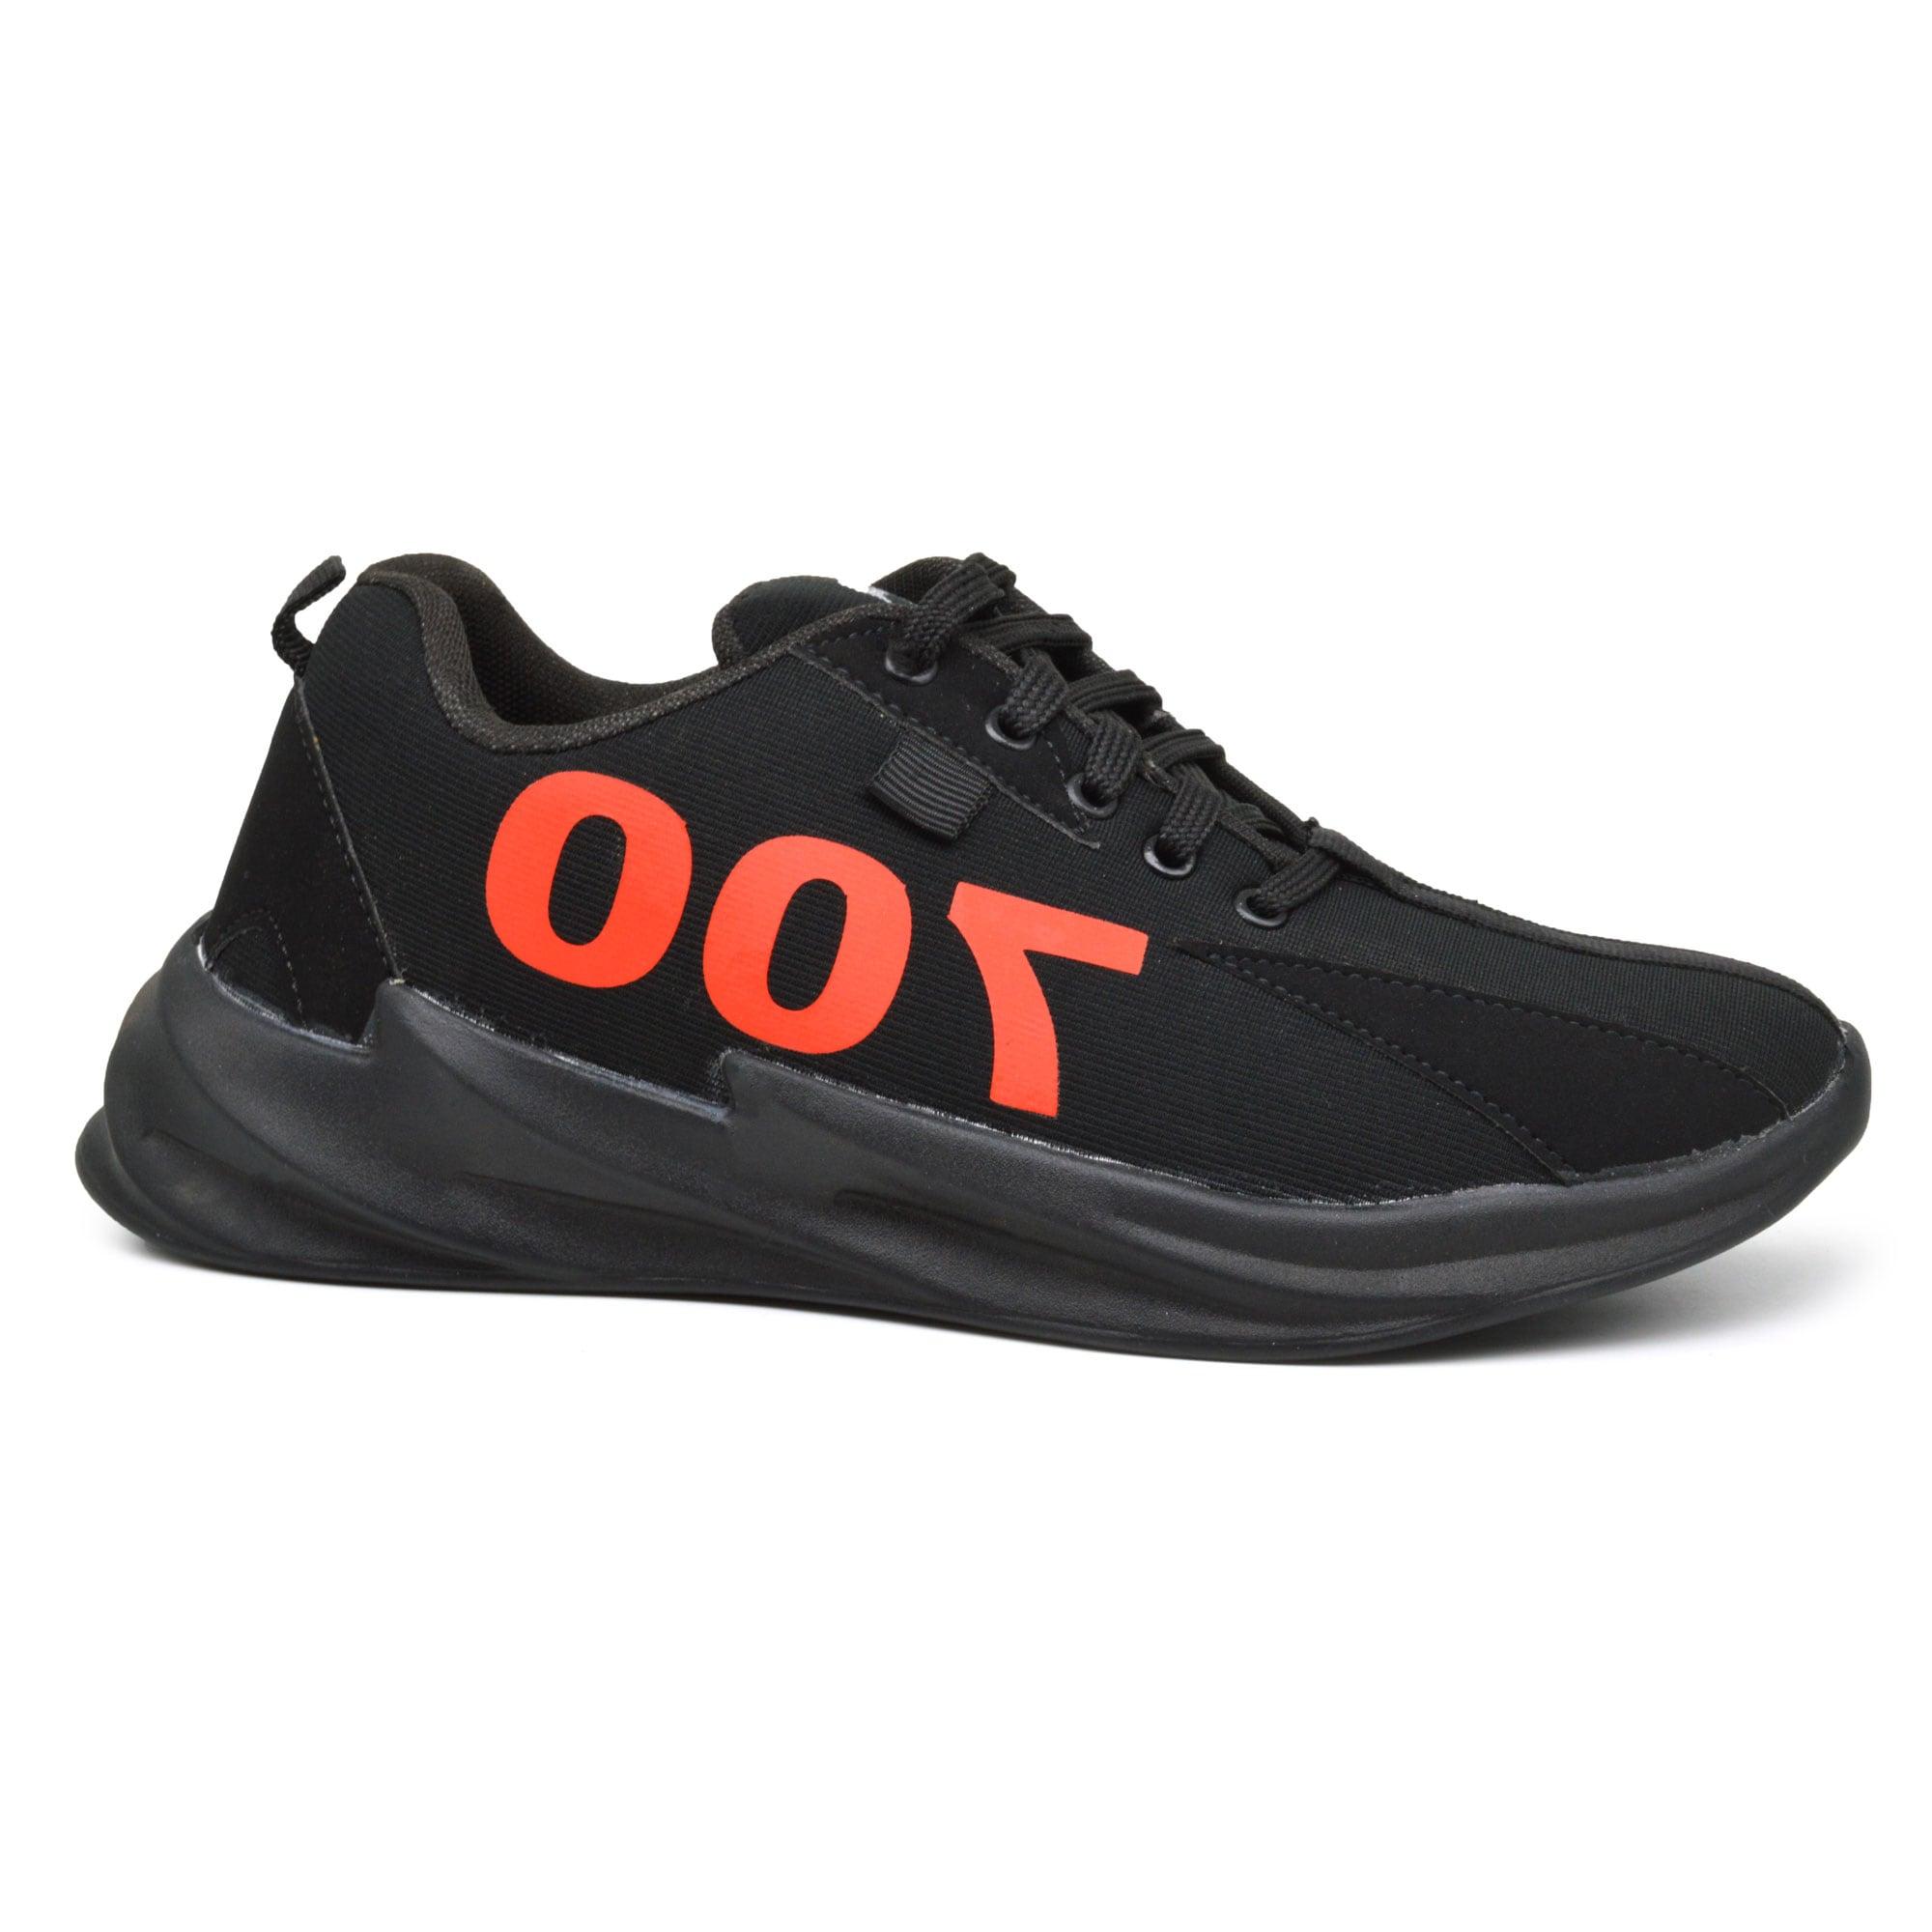 IMCOLUS28.196_BLACK FLEXIBLE &COMFOTABLE MENS Sports Shoes SHOES  IMCOLUS28.196_BLACK (BLACK,6TO10,8 PAIR)